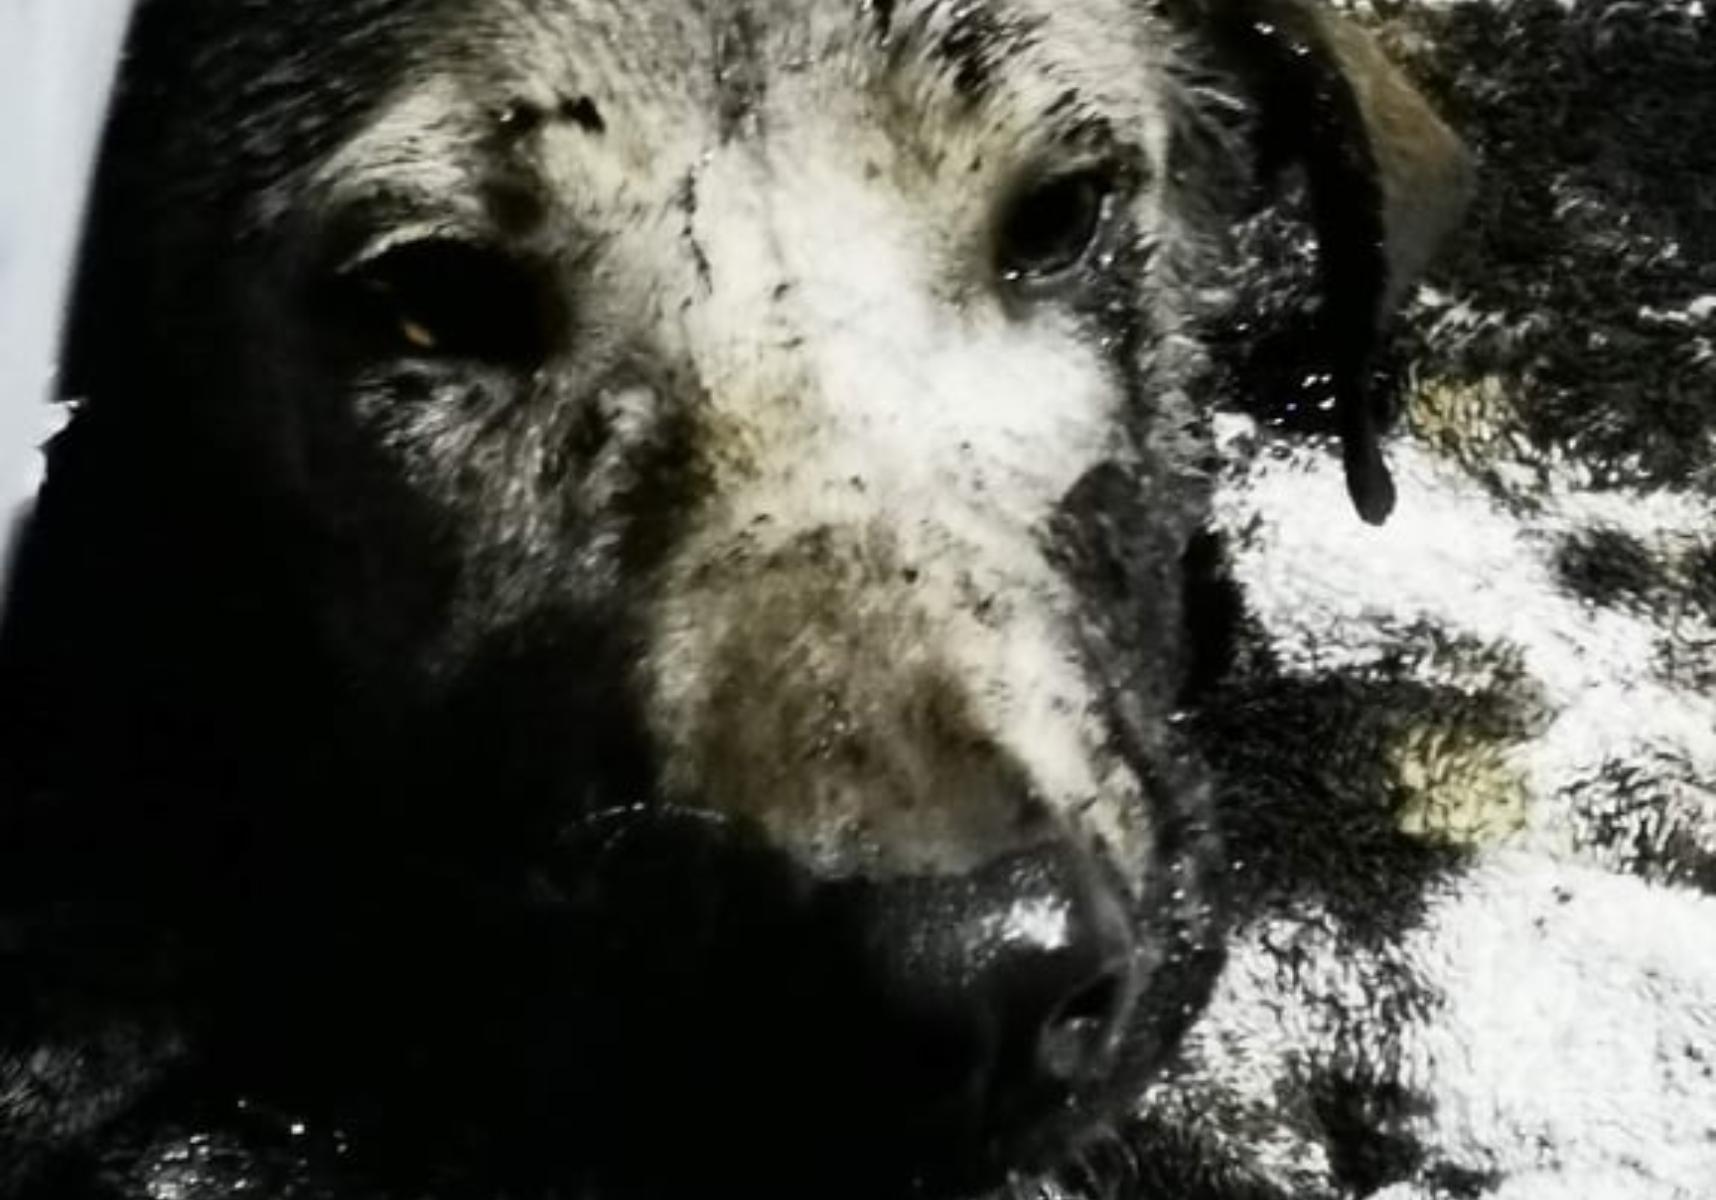 Φρίκη :  Έριξαν πίσσα σε σκυλάκια και τα πέταξαν ζωντανά στα σκουπίδια